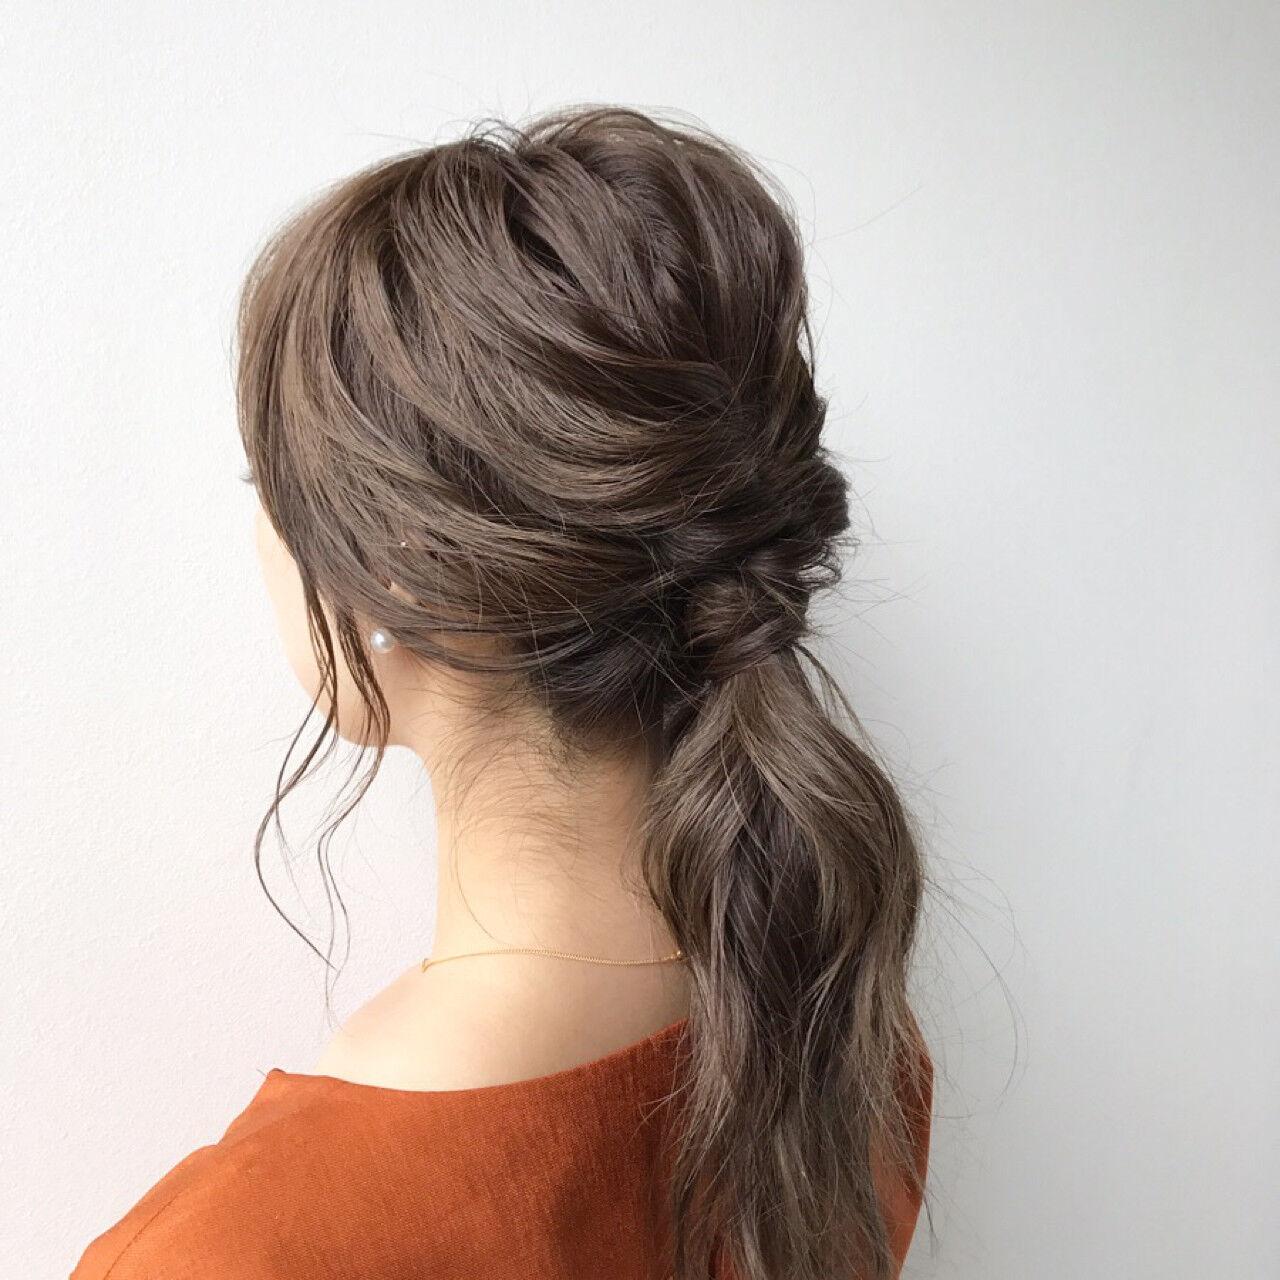 ミディアム 簡単ヘアアレンジ ショート ナチュラルヘアスタイルや髪型の写真・画像